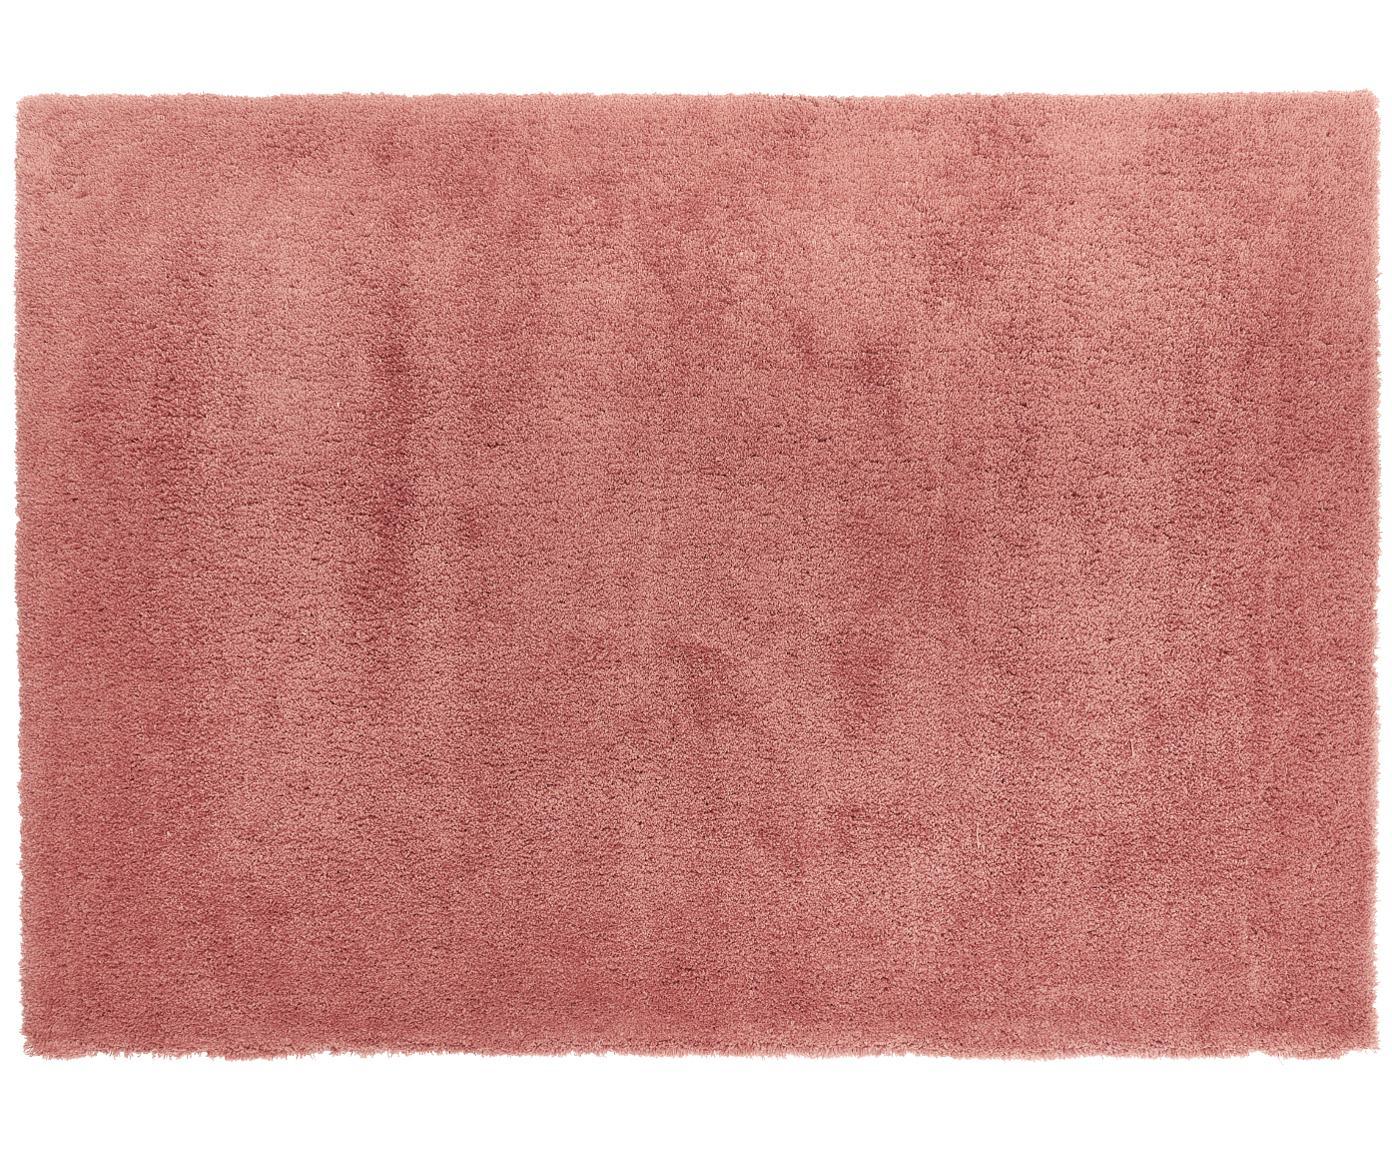 Pluizig hoogpolig vloerkleed Leighton in terracotta, Bovenzijde: 100% polyester (microveze, Onderzijde: 100% polyester, Terracotta, B 200 x L 300 cm (maat L)